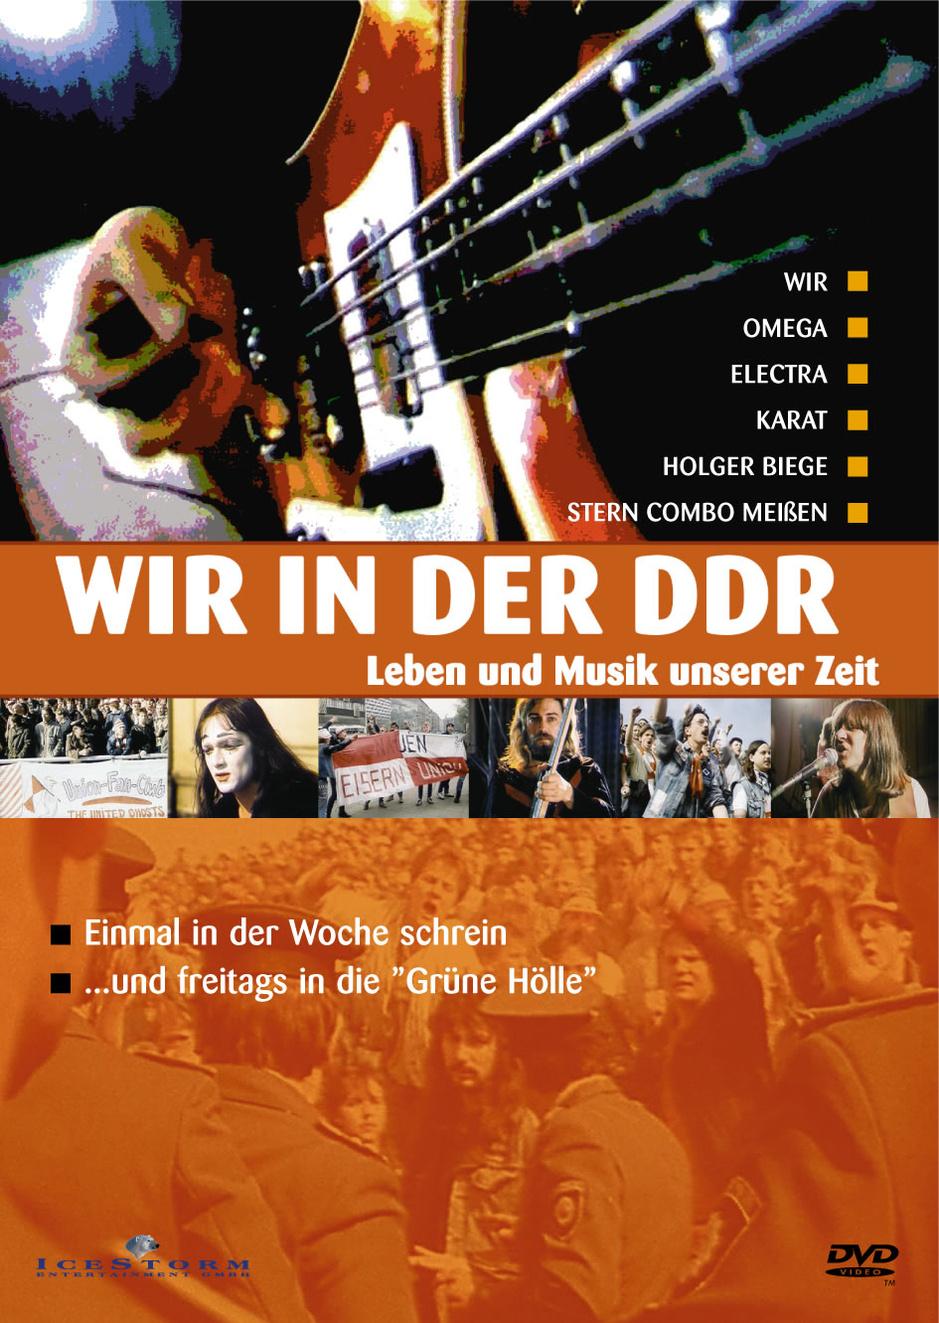 Wir in der DDR - Leben und Musik in unserer Zeit